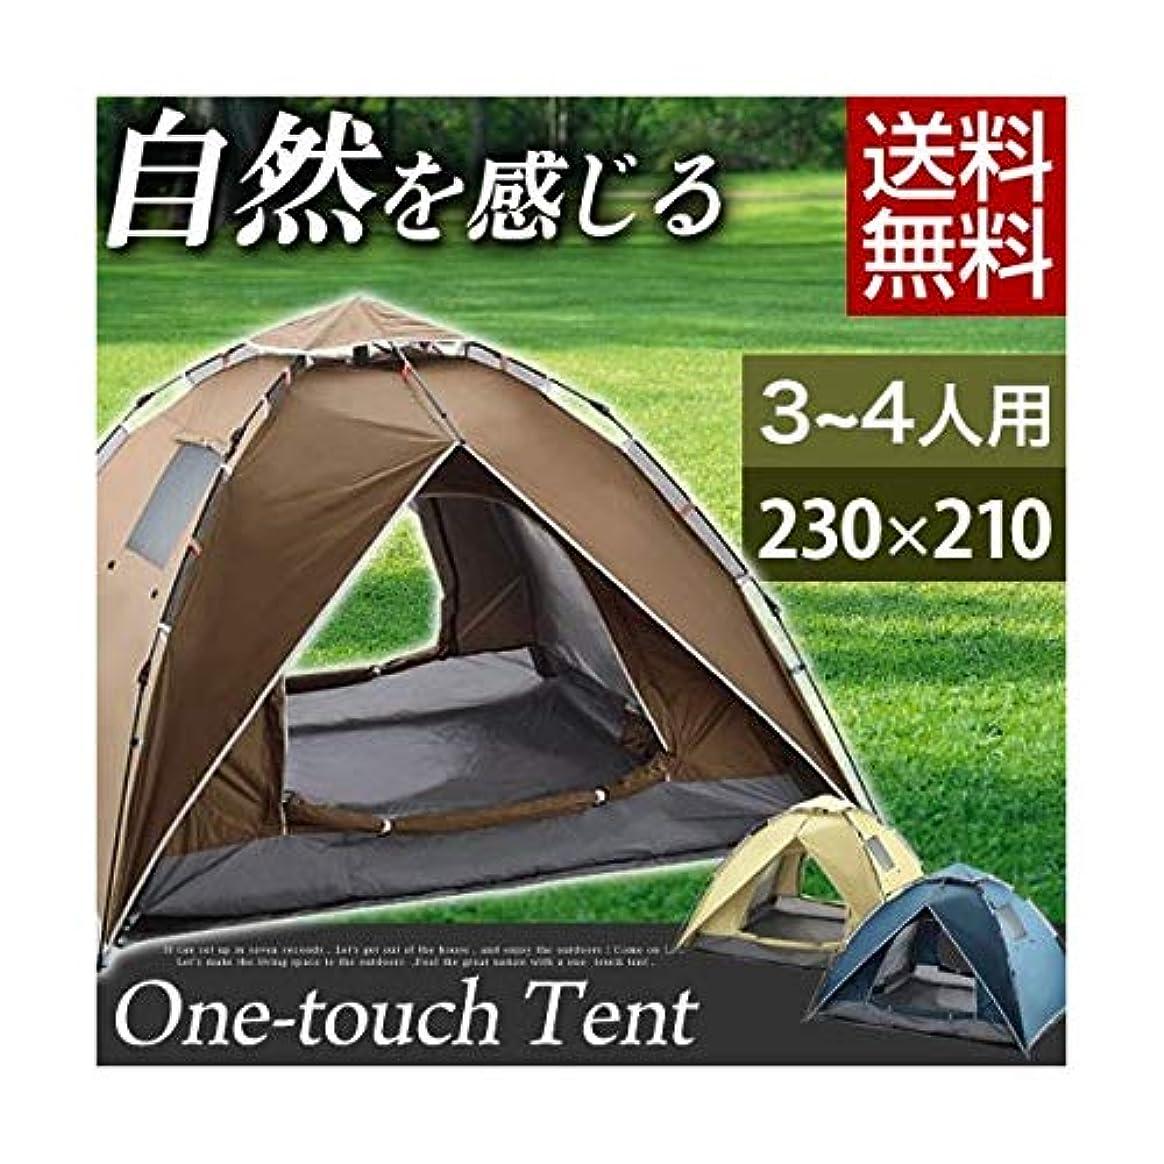 シェルター静けさ敬礼ワンタッチテント 簡単 テント 軽量 4人用 3人用テント サンシェード メッシュ 山 レジャー 野営